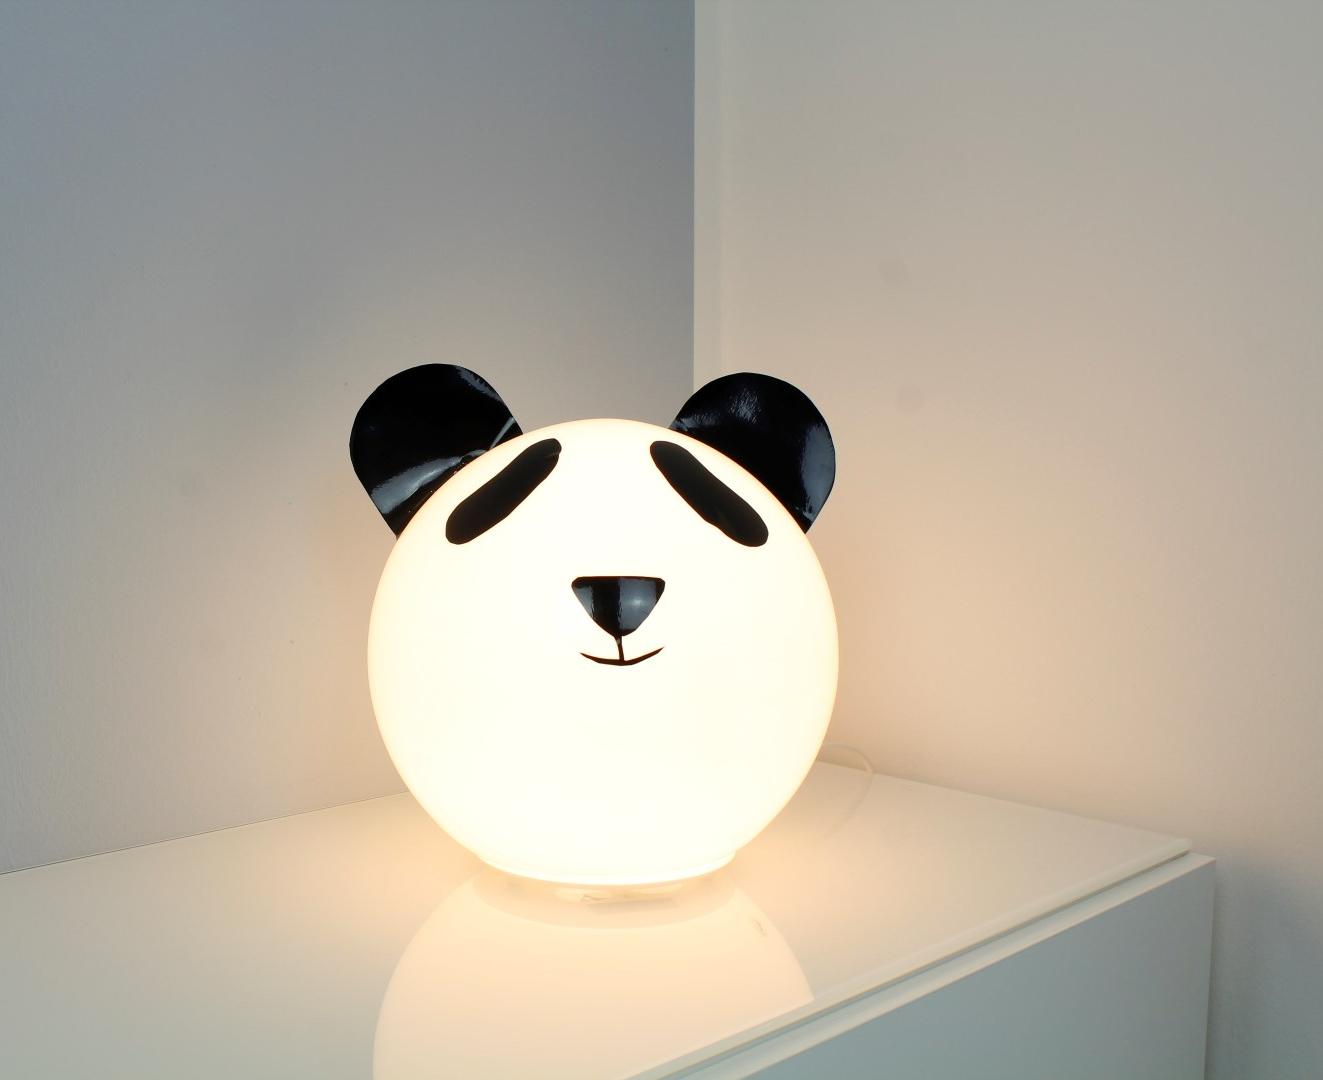 diy kinderzimmer lampe pandab r eine niedliche lampe f r die kleinen. Black Bedroom Furniture Sets. Home Design Ideas